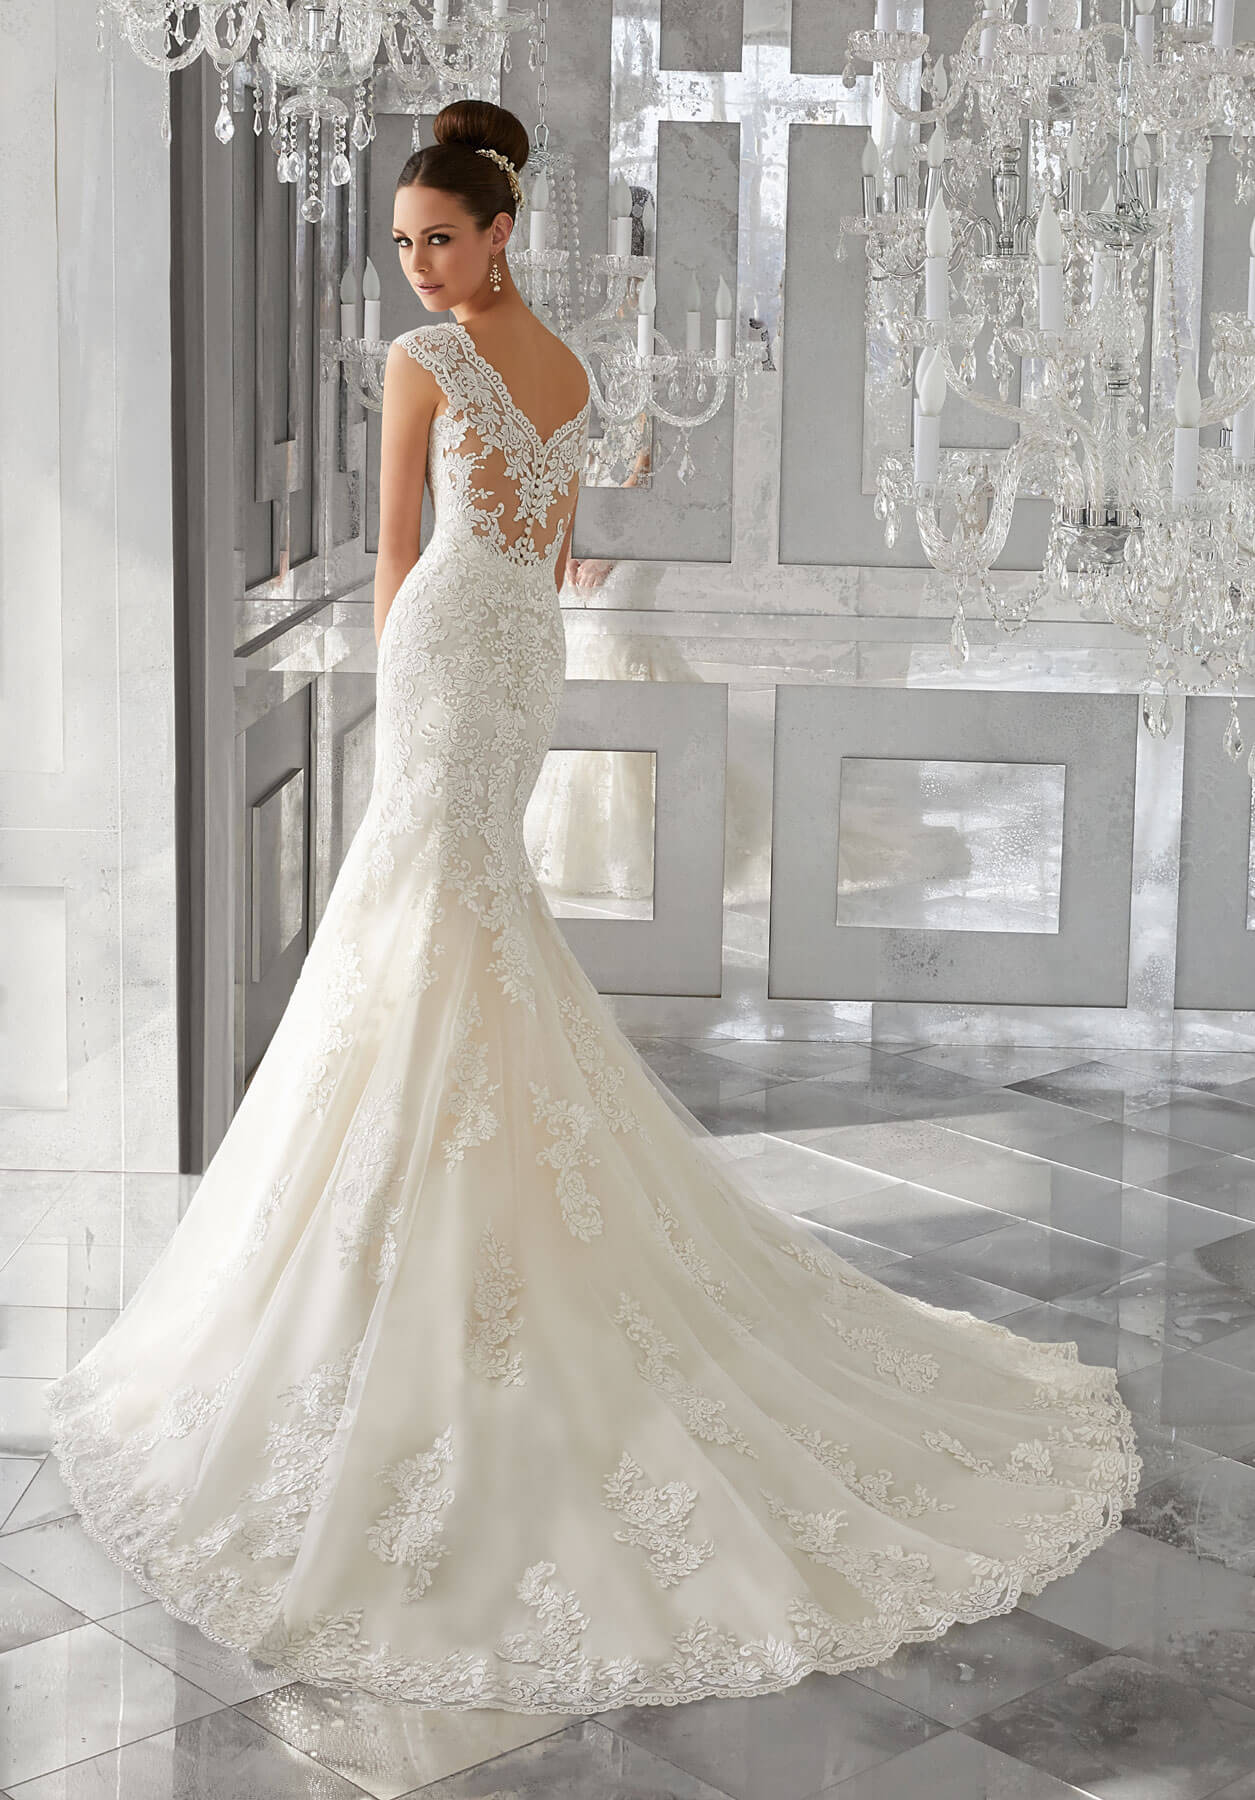 Cвадебное платье Mori Lee 5562